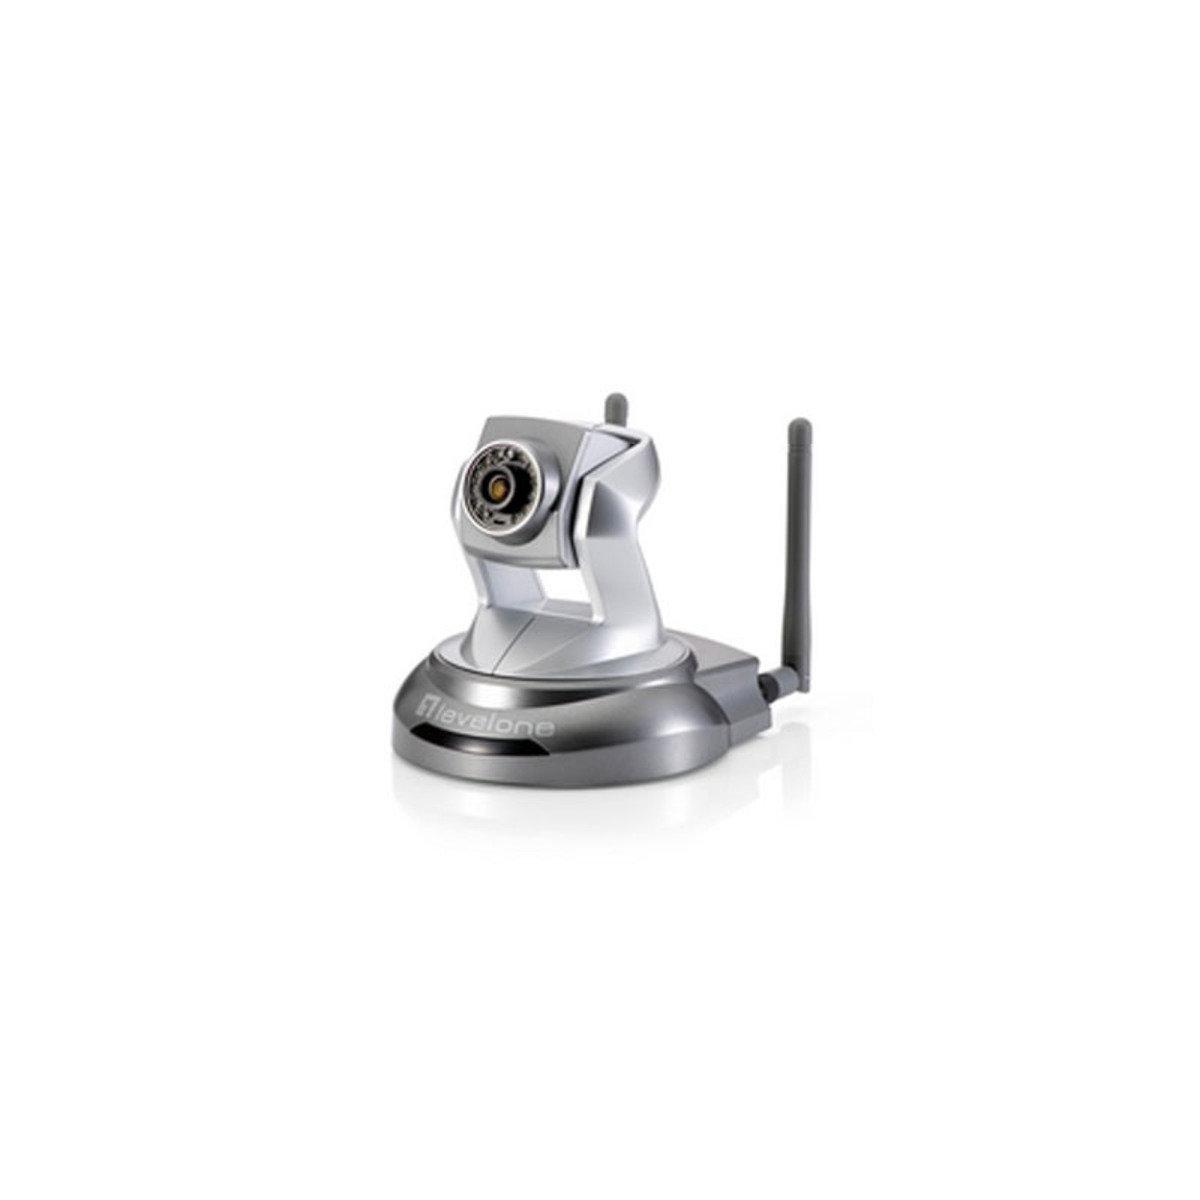 1920p超清夜視旋轉無線網絡攝影機 WCS-6050